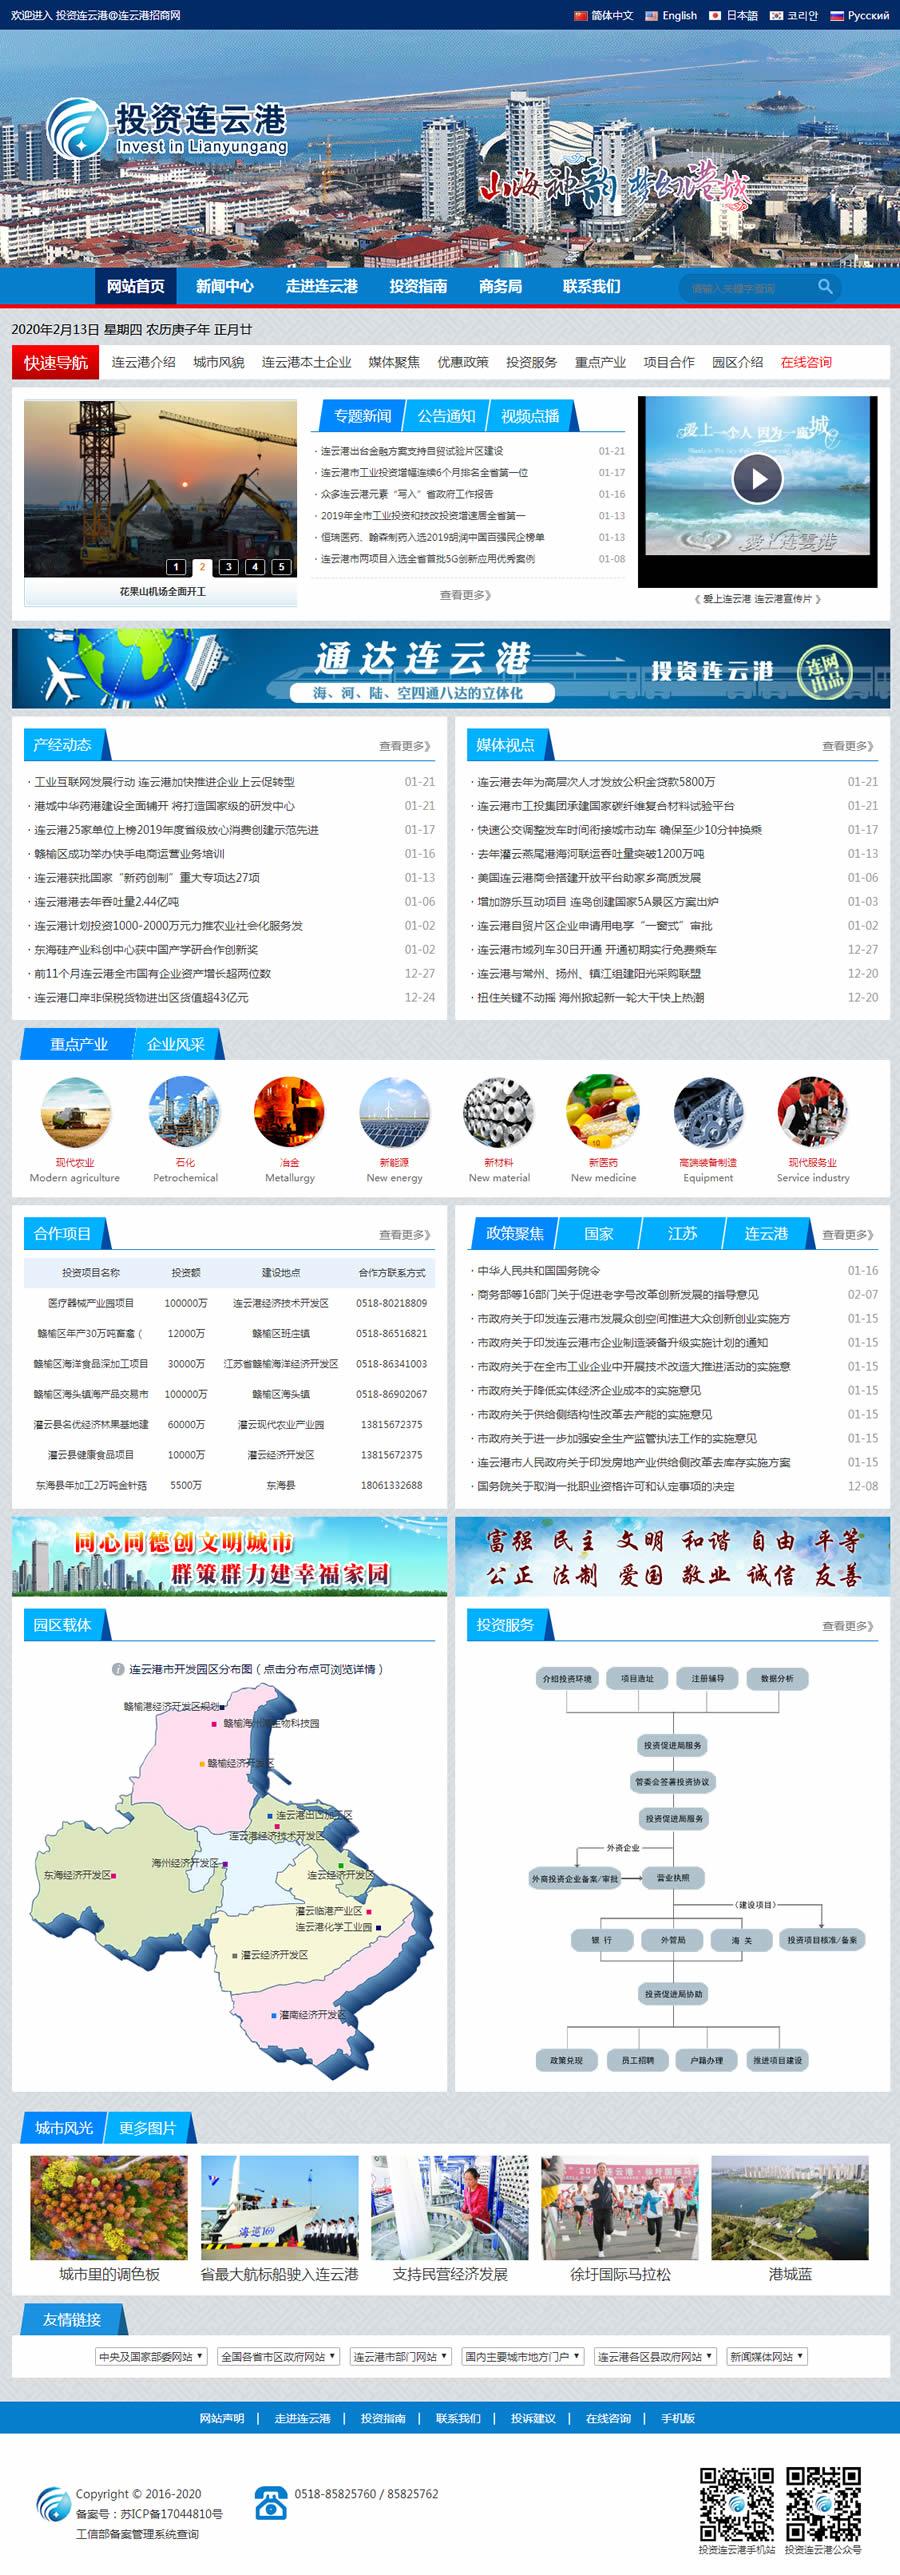 投资连云港_连云港招商网_连云港商务局.jpg